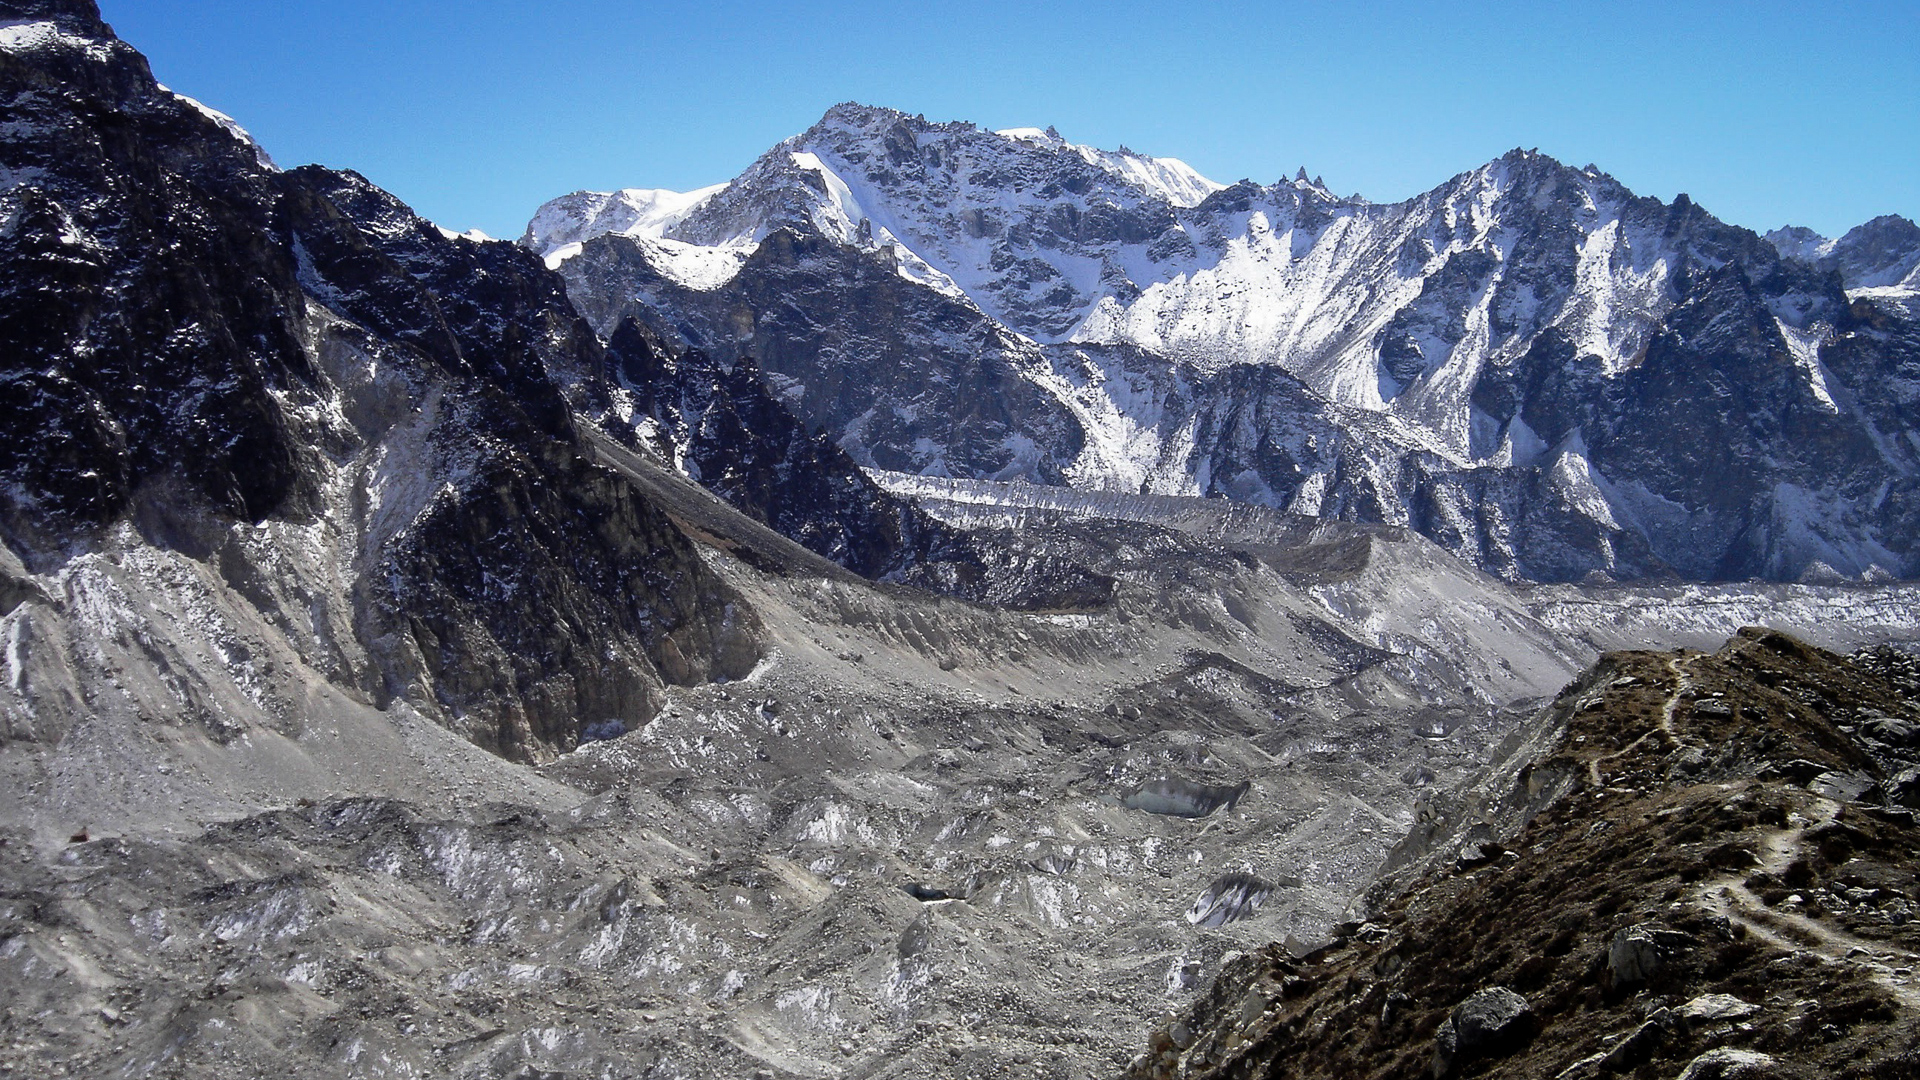 Le glacier de Yalung qui descend du versant Sud du Kanchenjunga